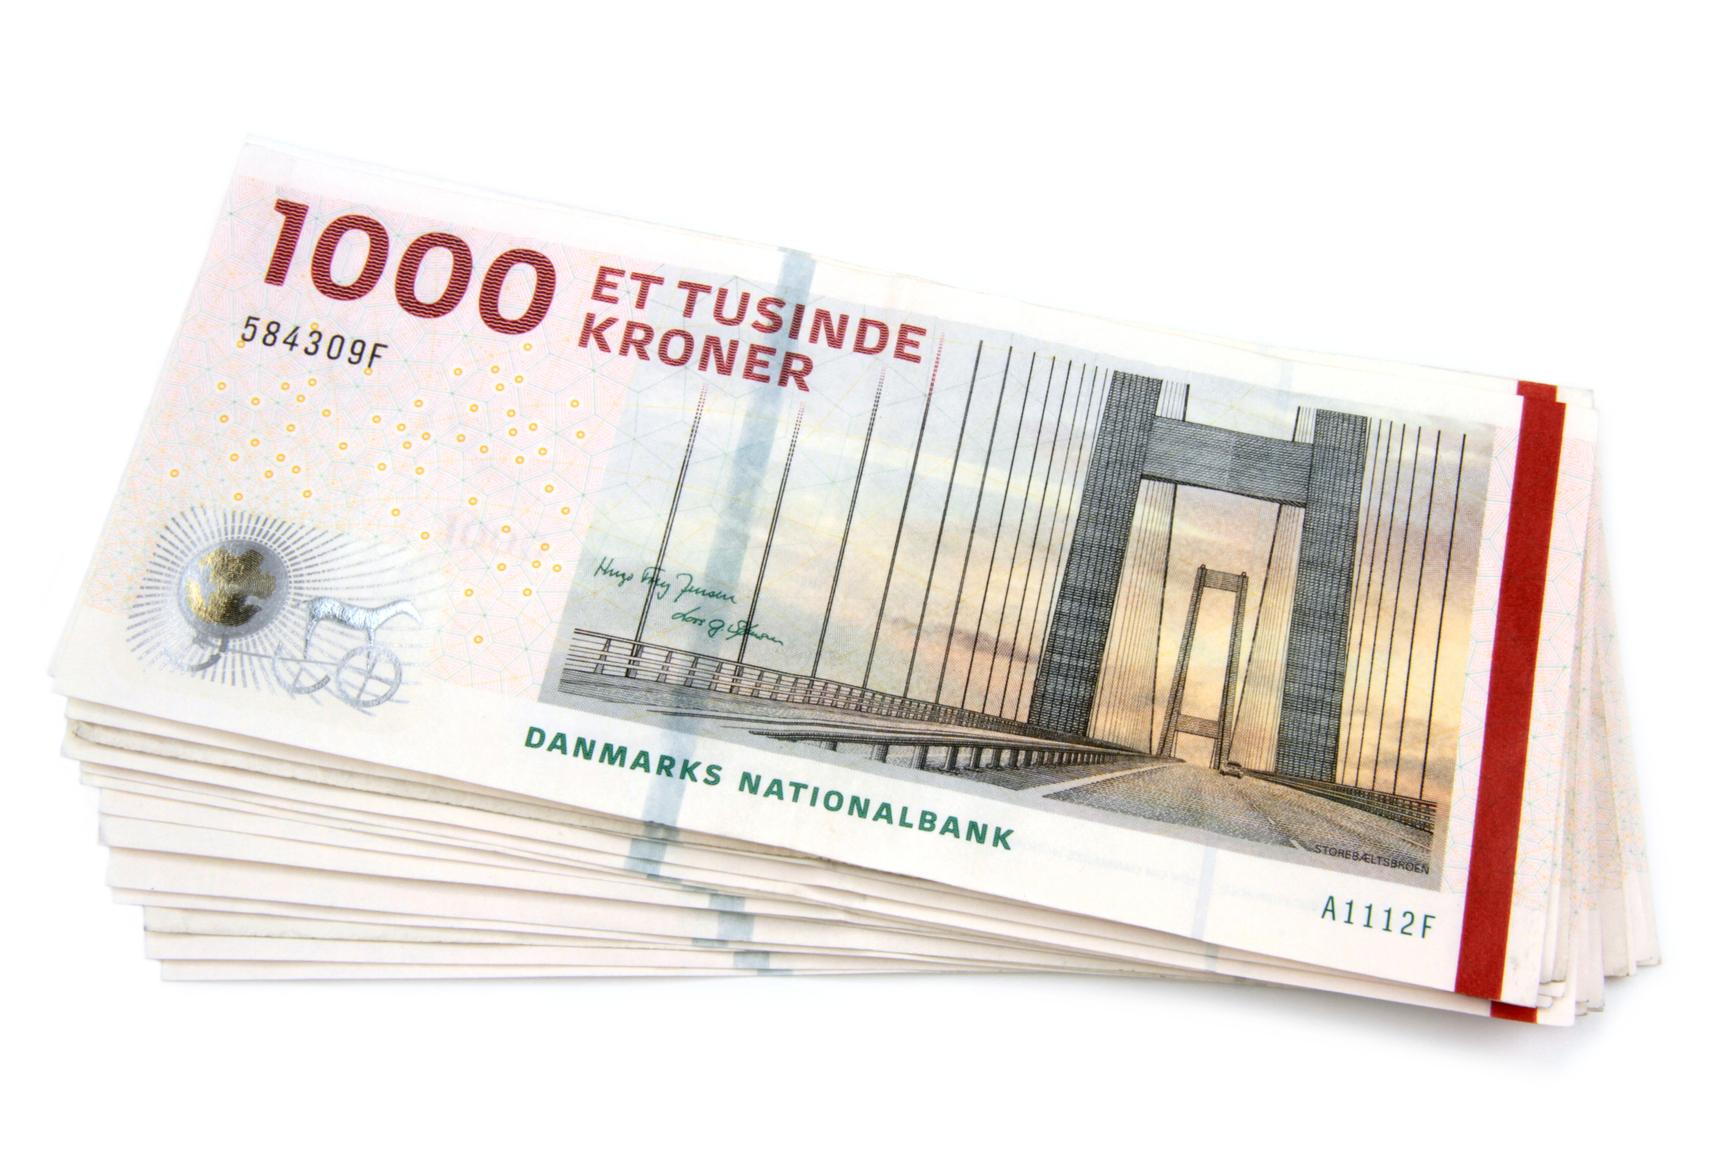 danske 1000kr's sedler